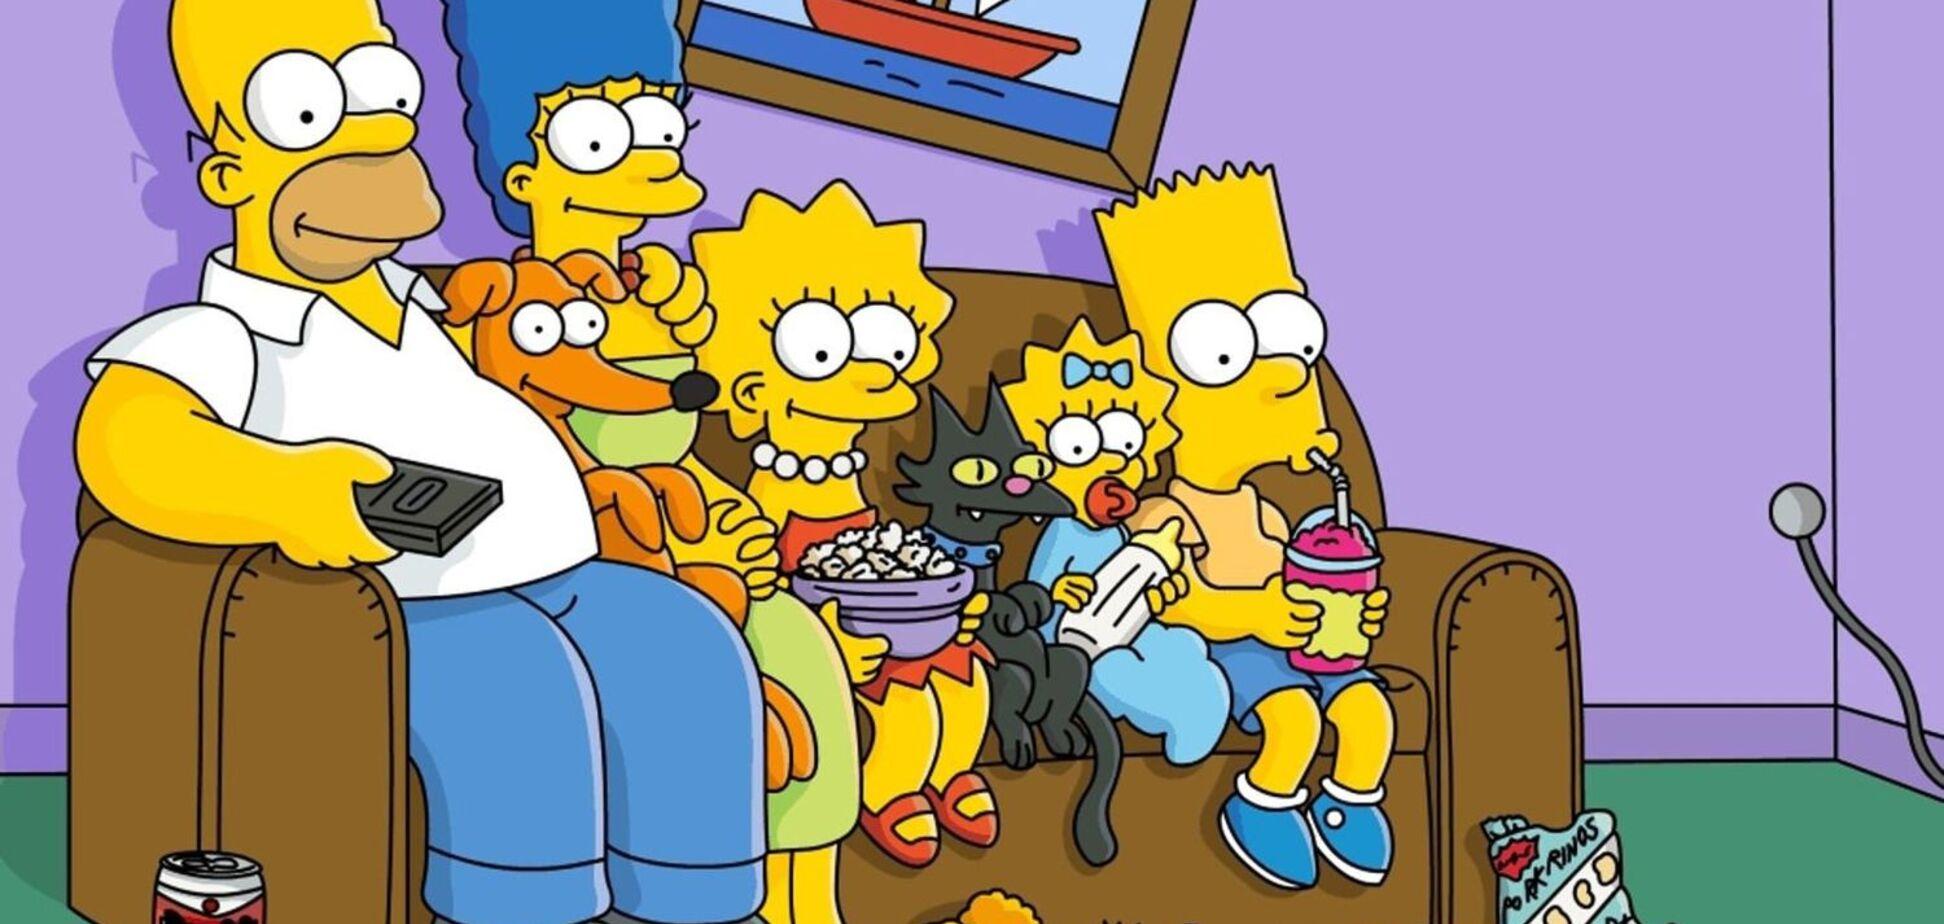 Невероятно: 10 предсказаний 'Симпсонов', которые сбылись